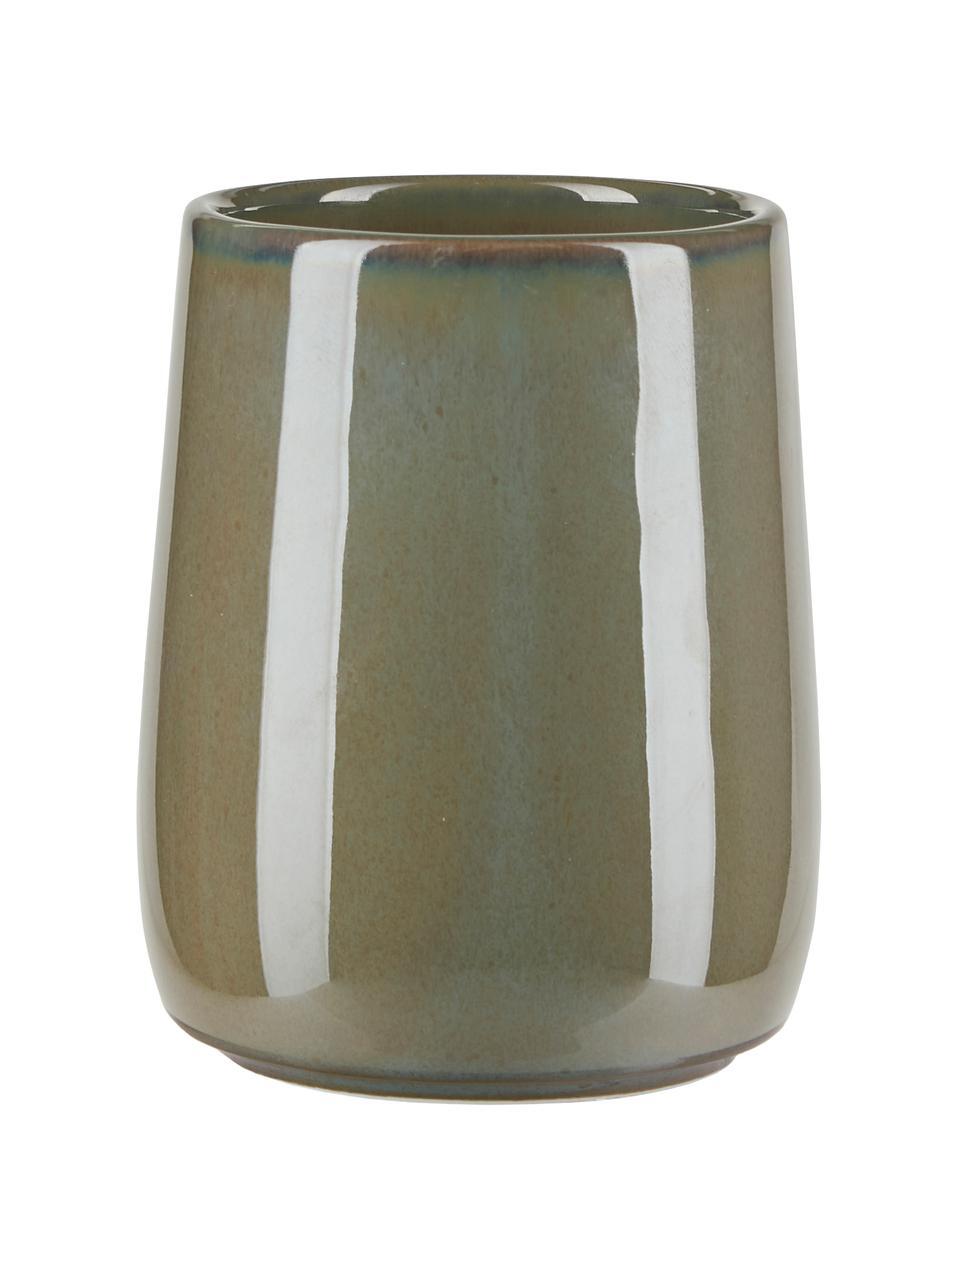 Kubek na szczoteczki z ceramiki Tin, Ceramika, Zielony, Ø 8 x W 11 cm